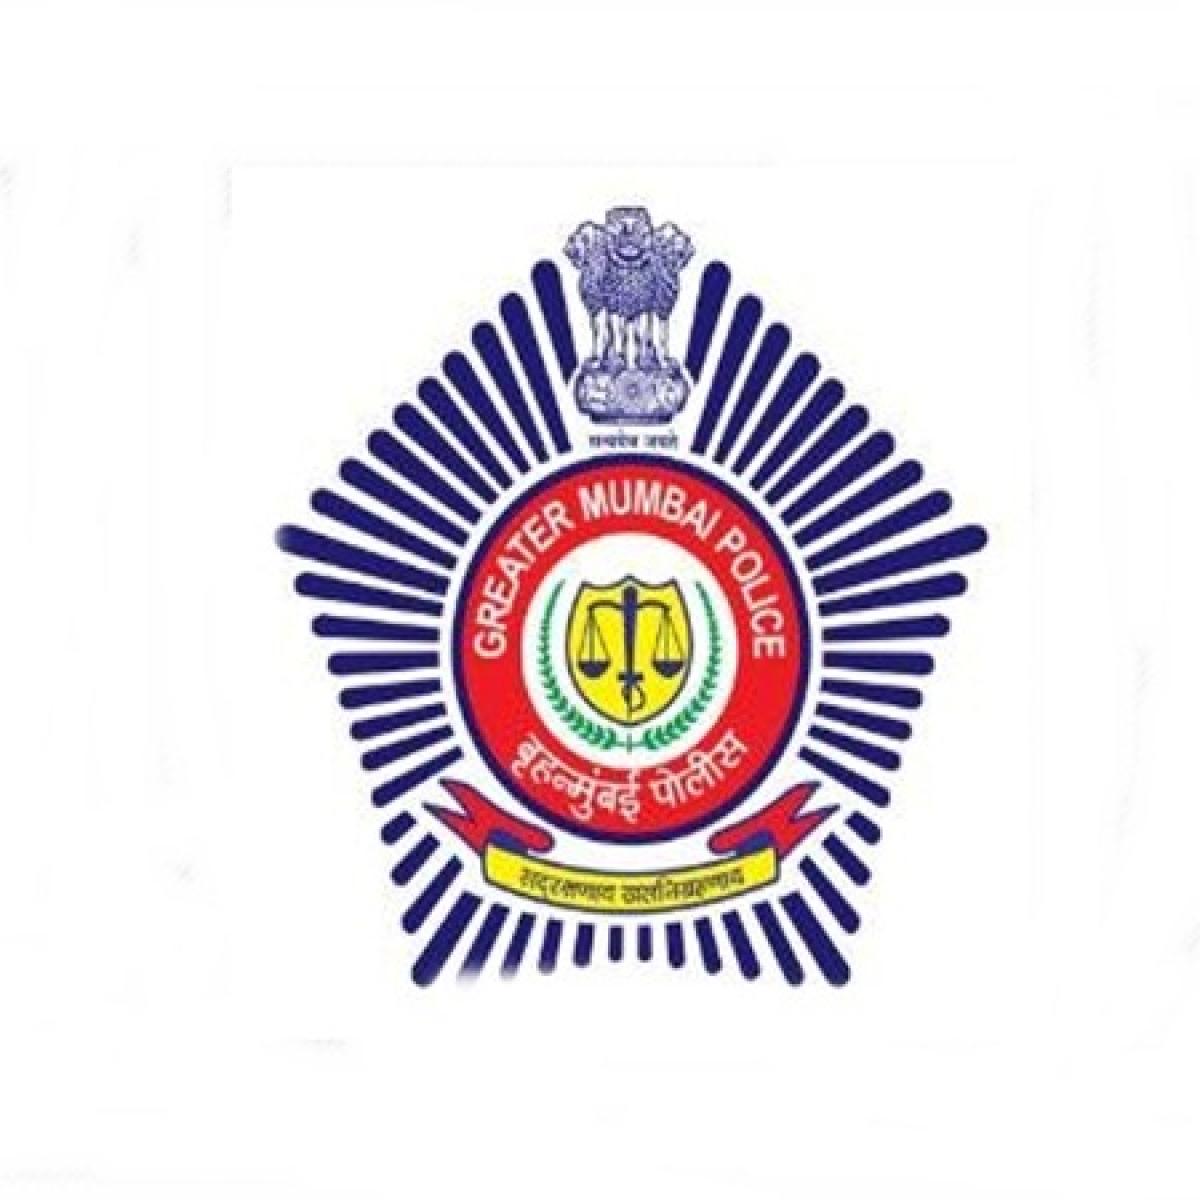 Cop helps runaway Delhi teen find way back home